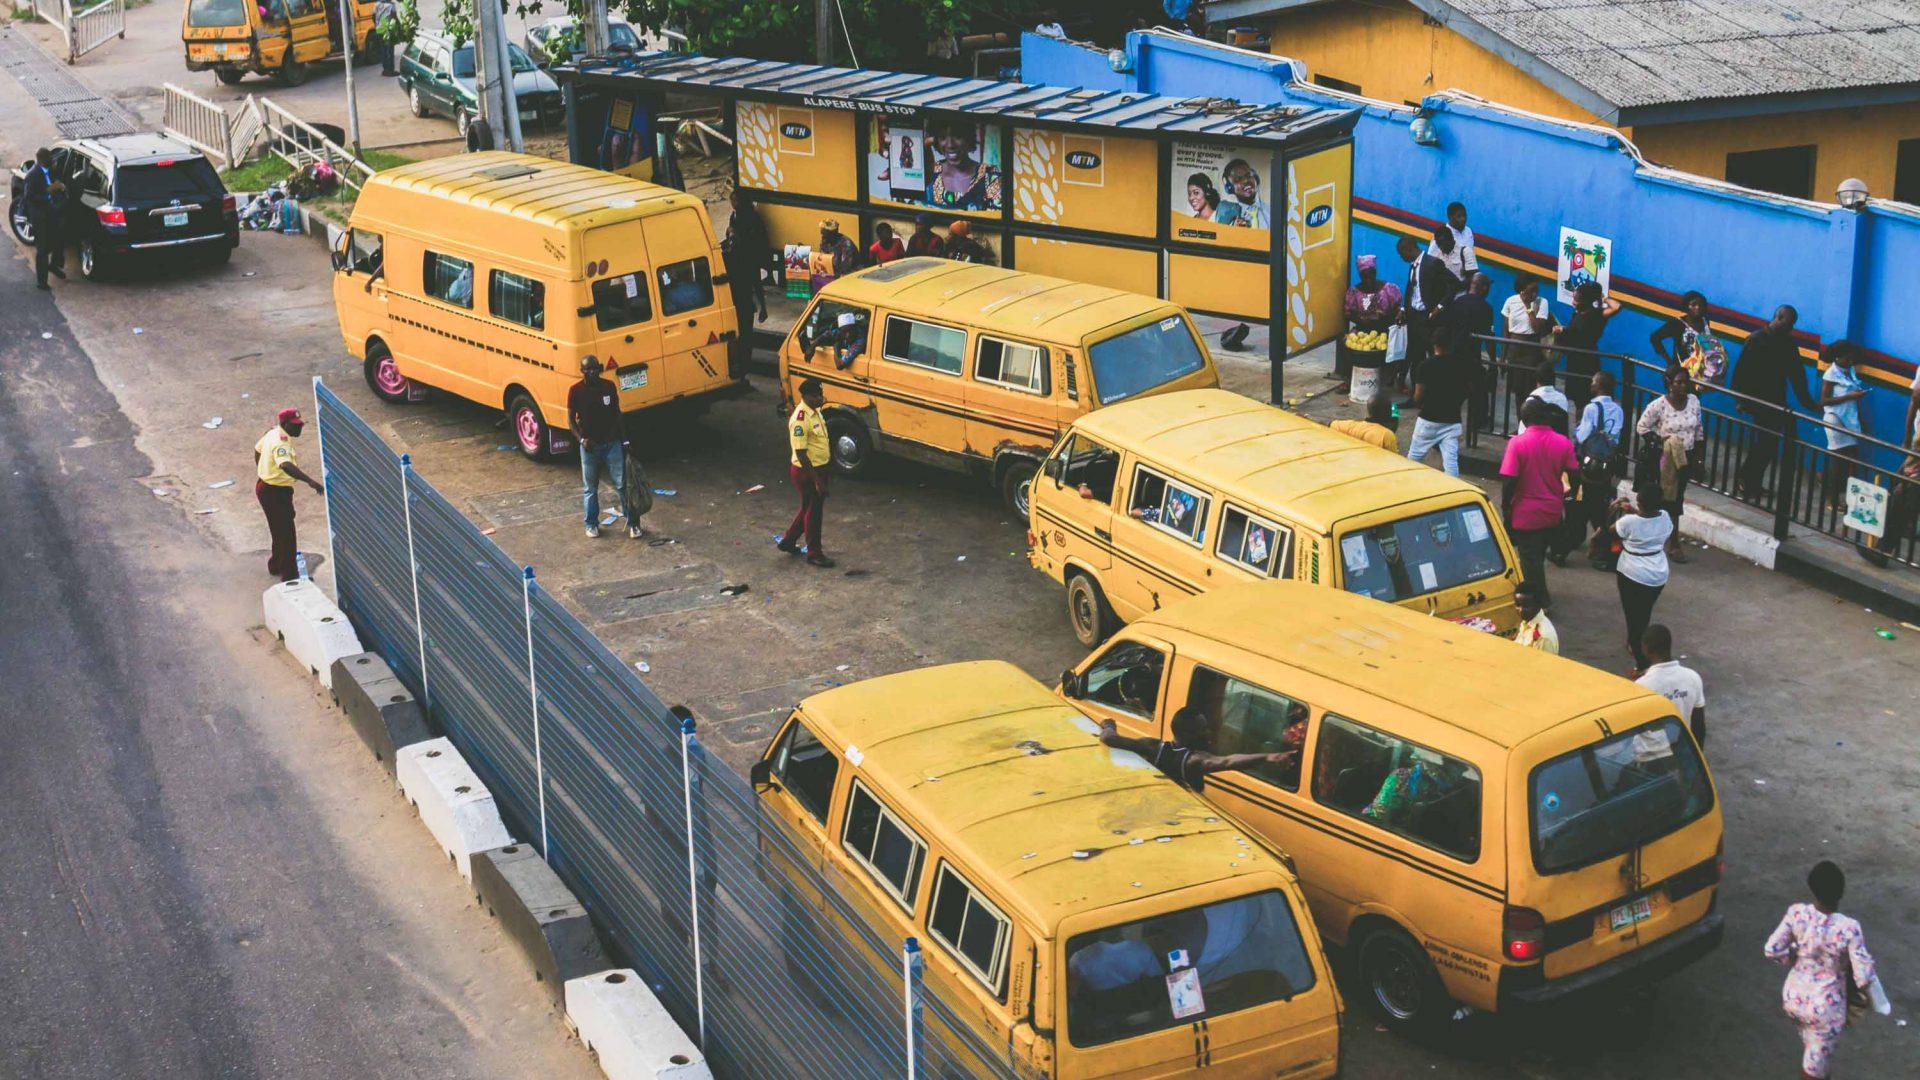 Mini vans in Lagos Nigeria.